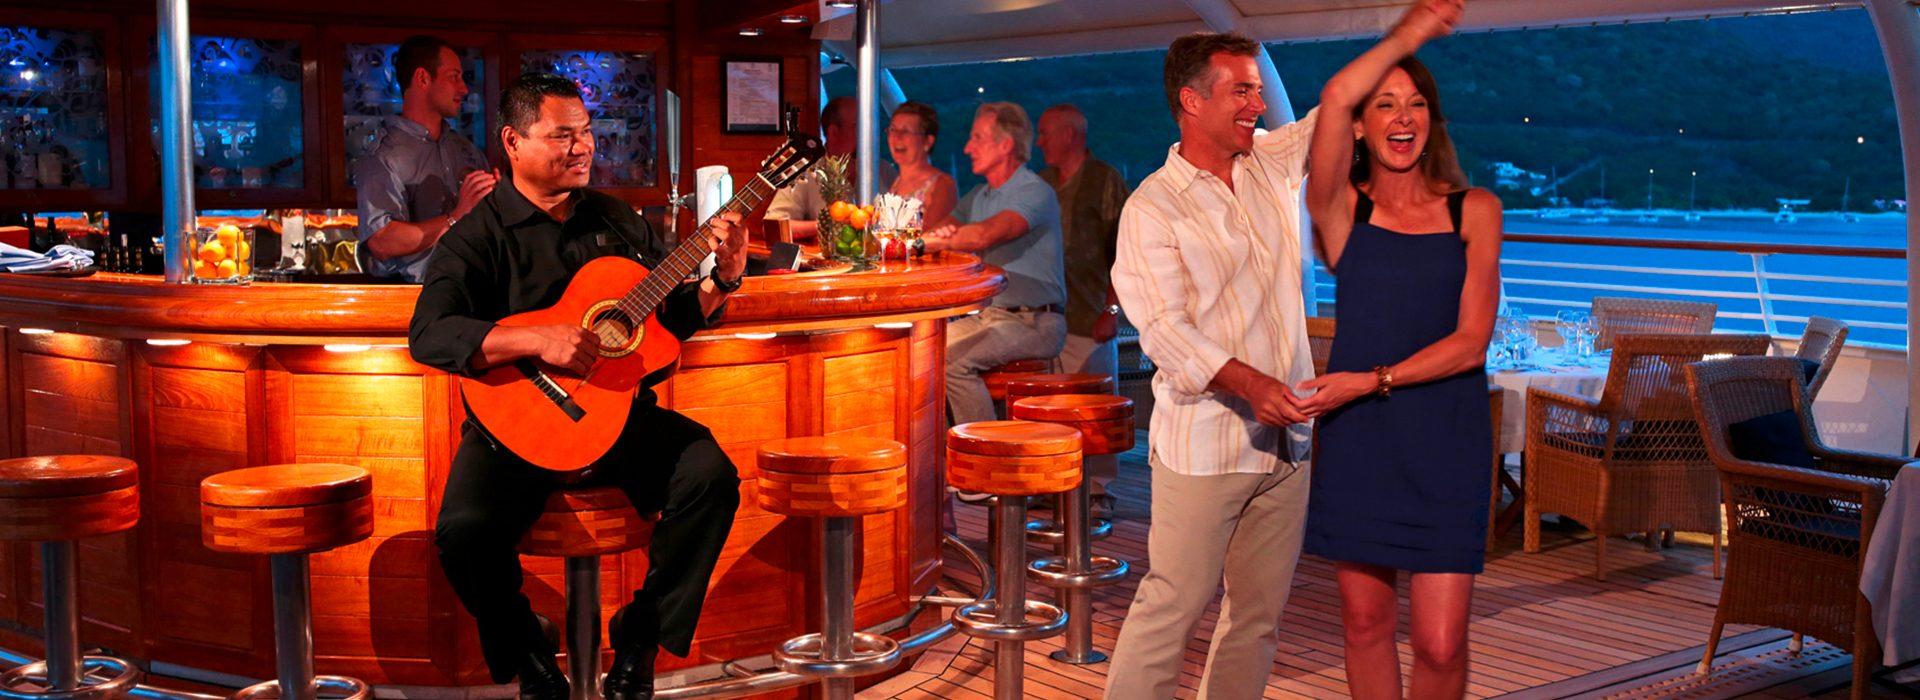 Top of the Yacht Bar auf den Luxusyachten SeaDream I und Sea Dream II